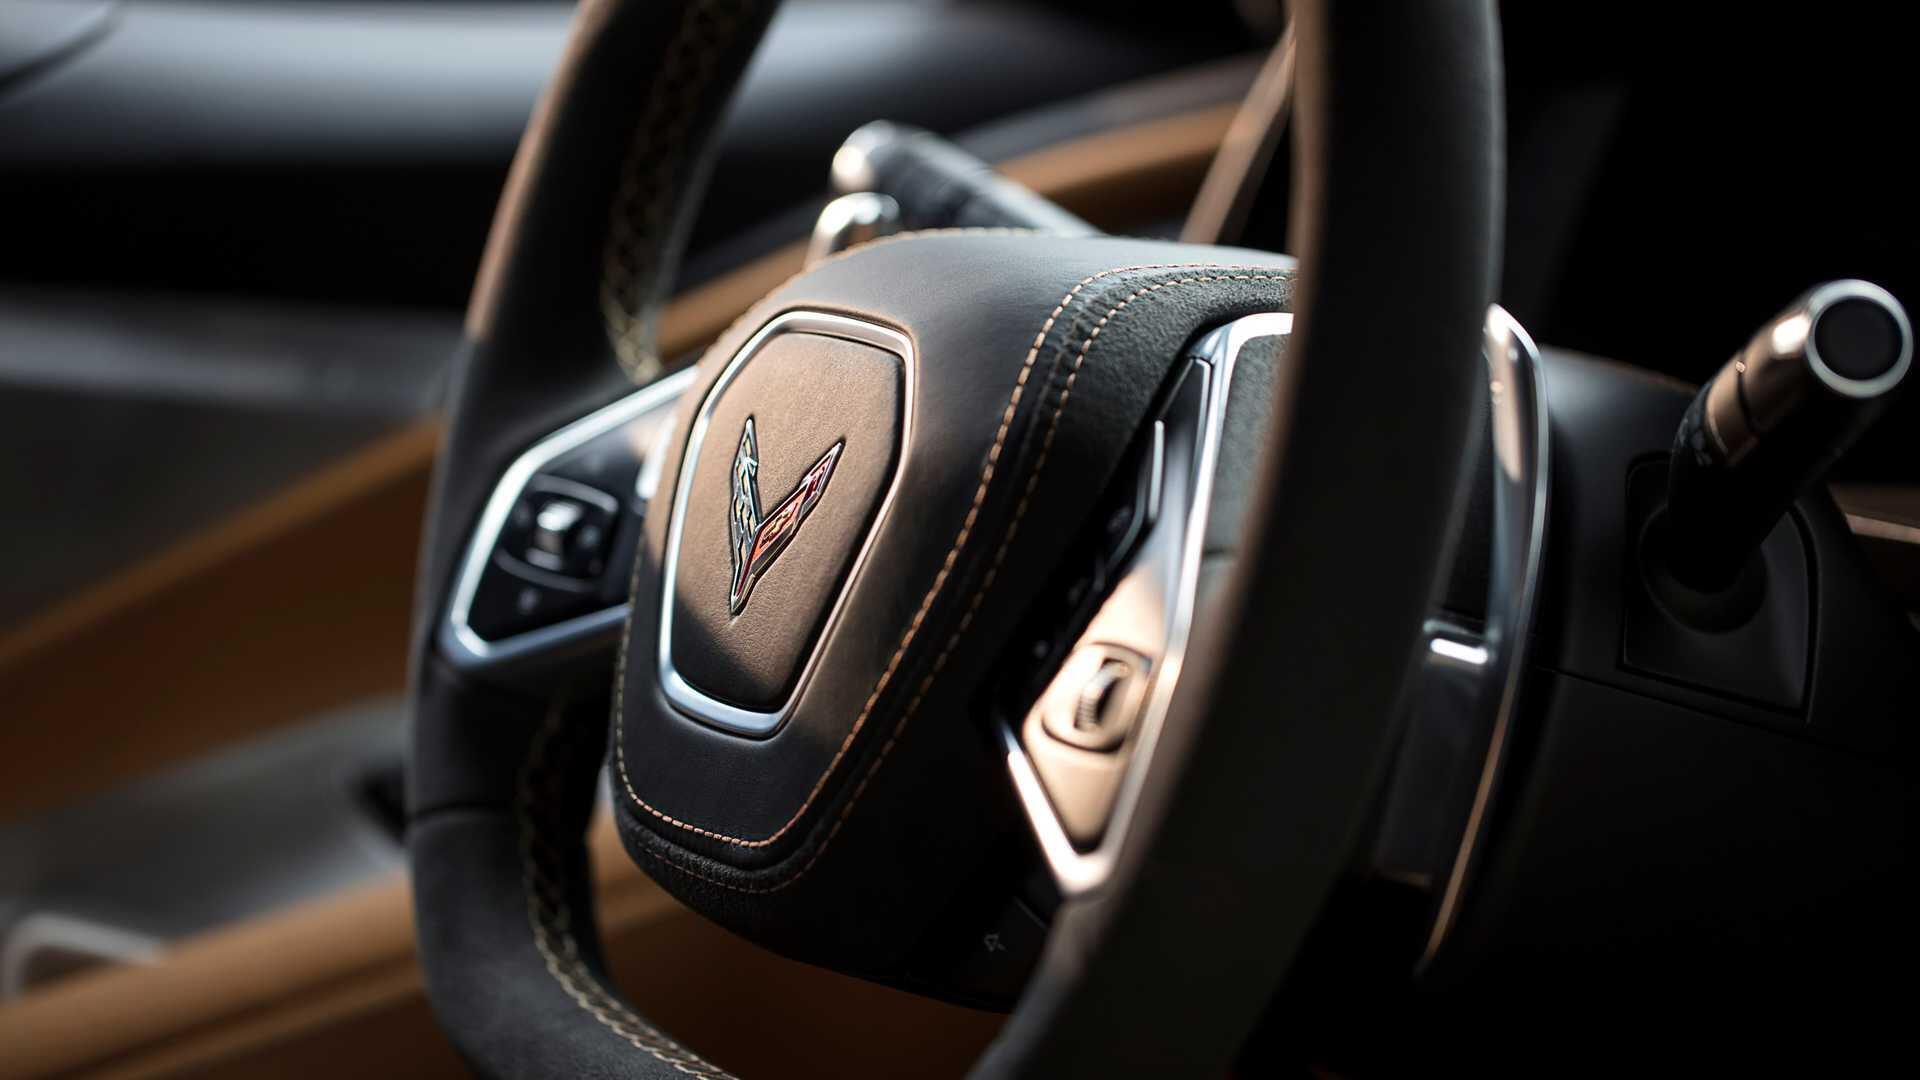 https://cdn.dailyxe.com.vn/image/chevrolet-corvette-2020-co-mot-so-tinh-nang-an-tuyet-voi-86-94591j2.jpg